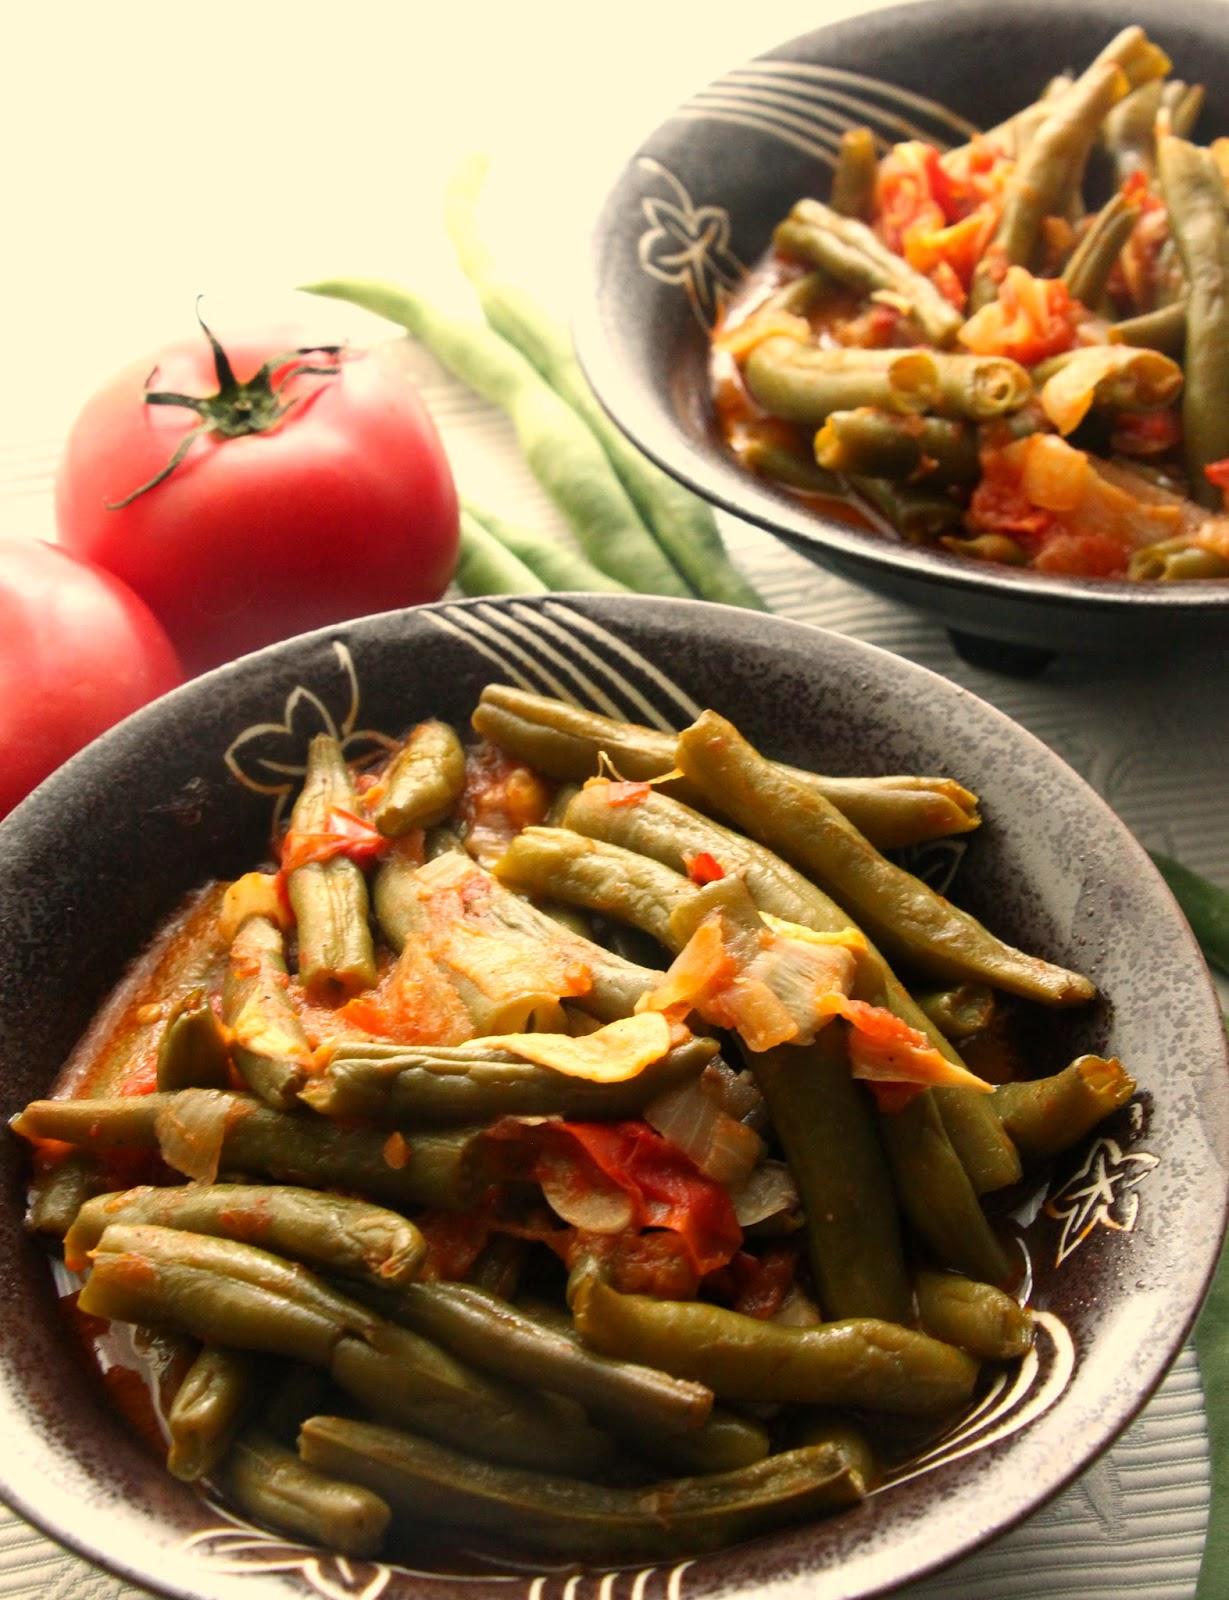 green-beans-tomato-sauce.alt.jpg